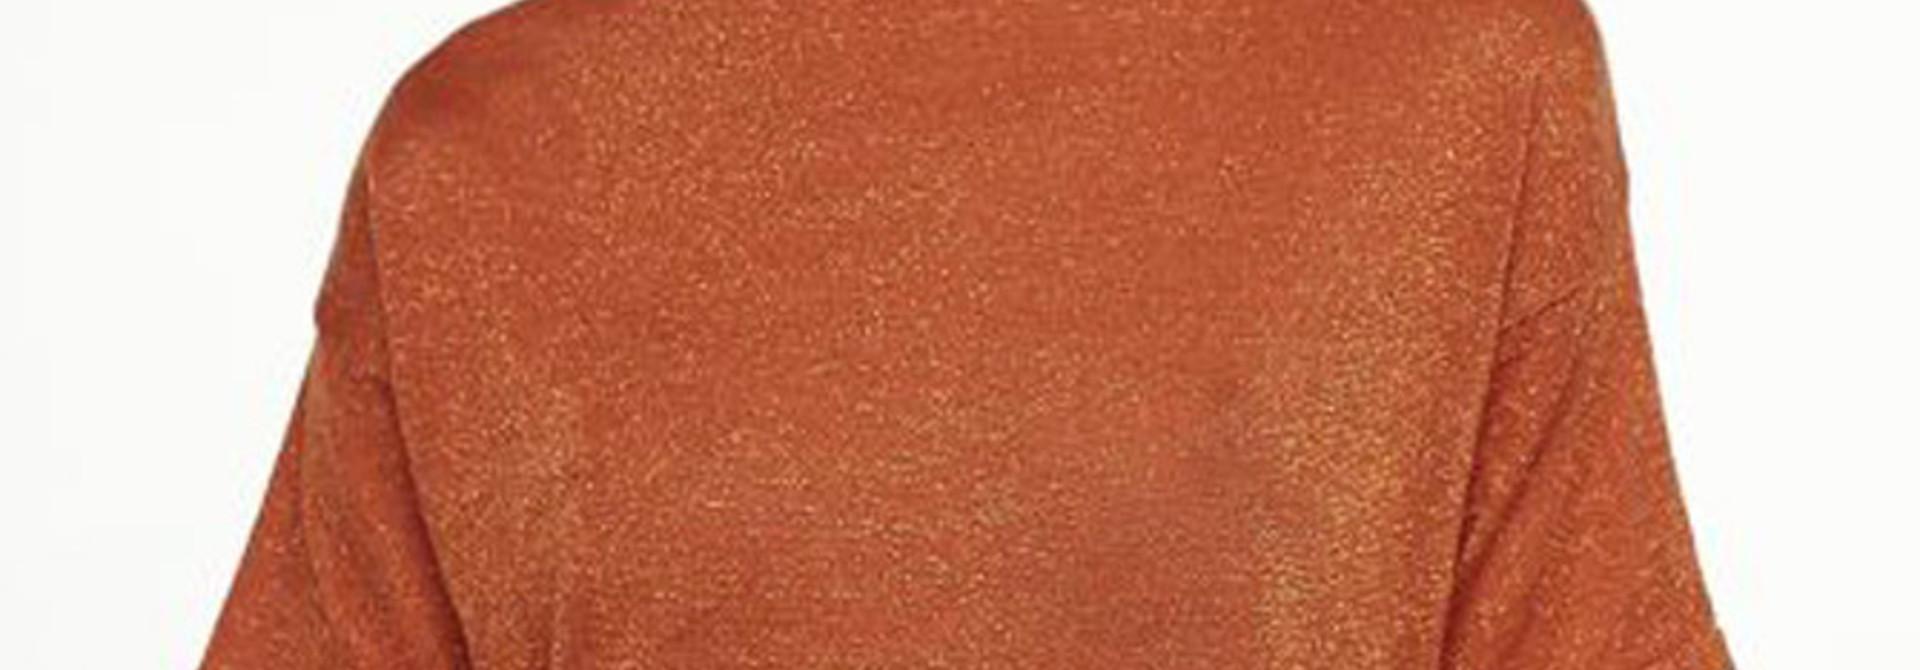 Danita t-shirt  Brown Chili